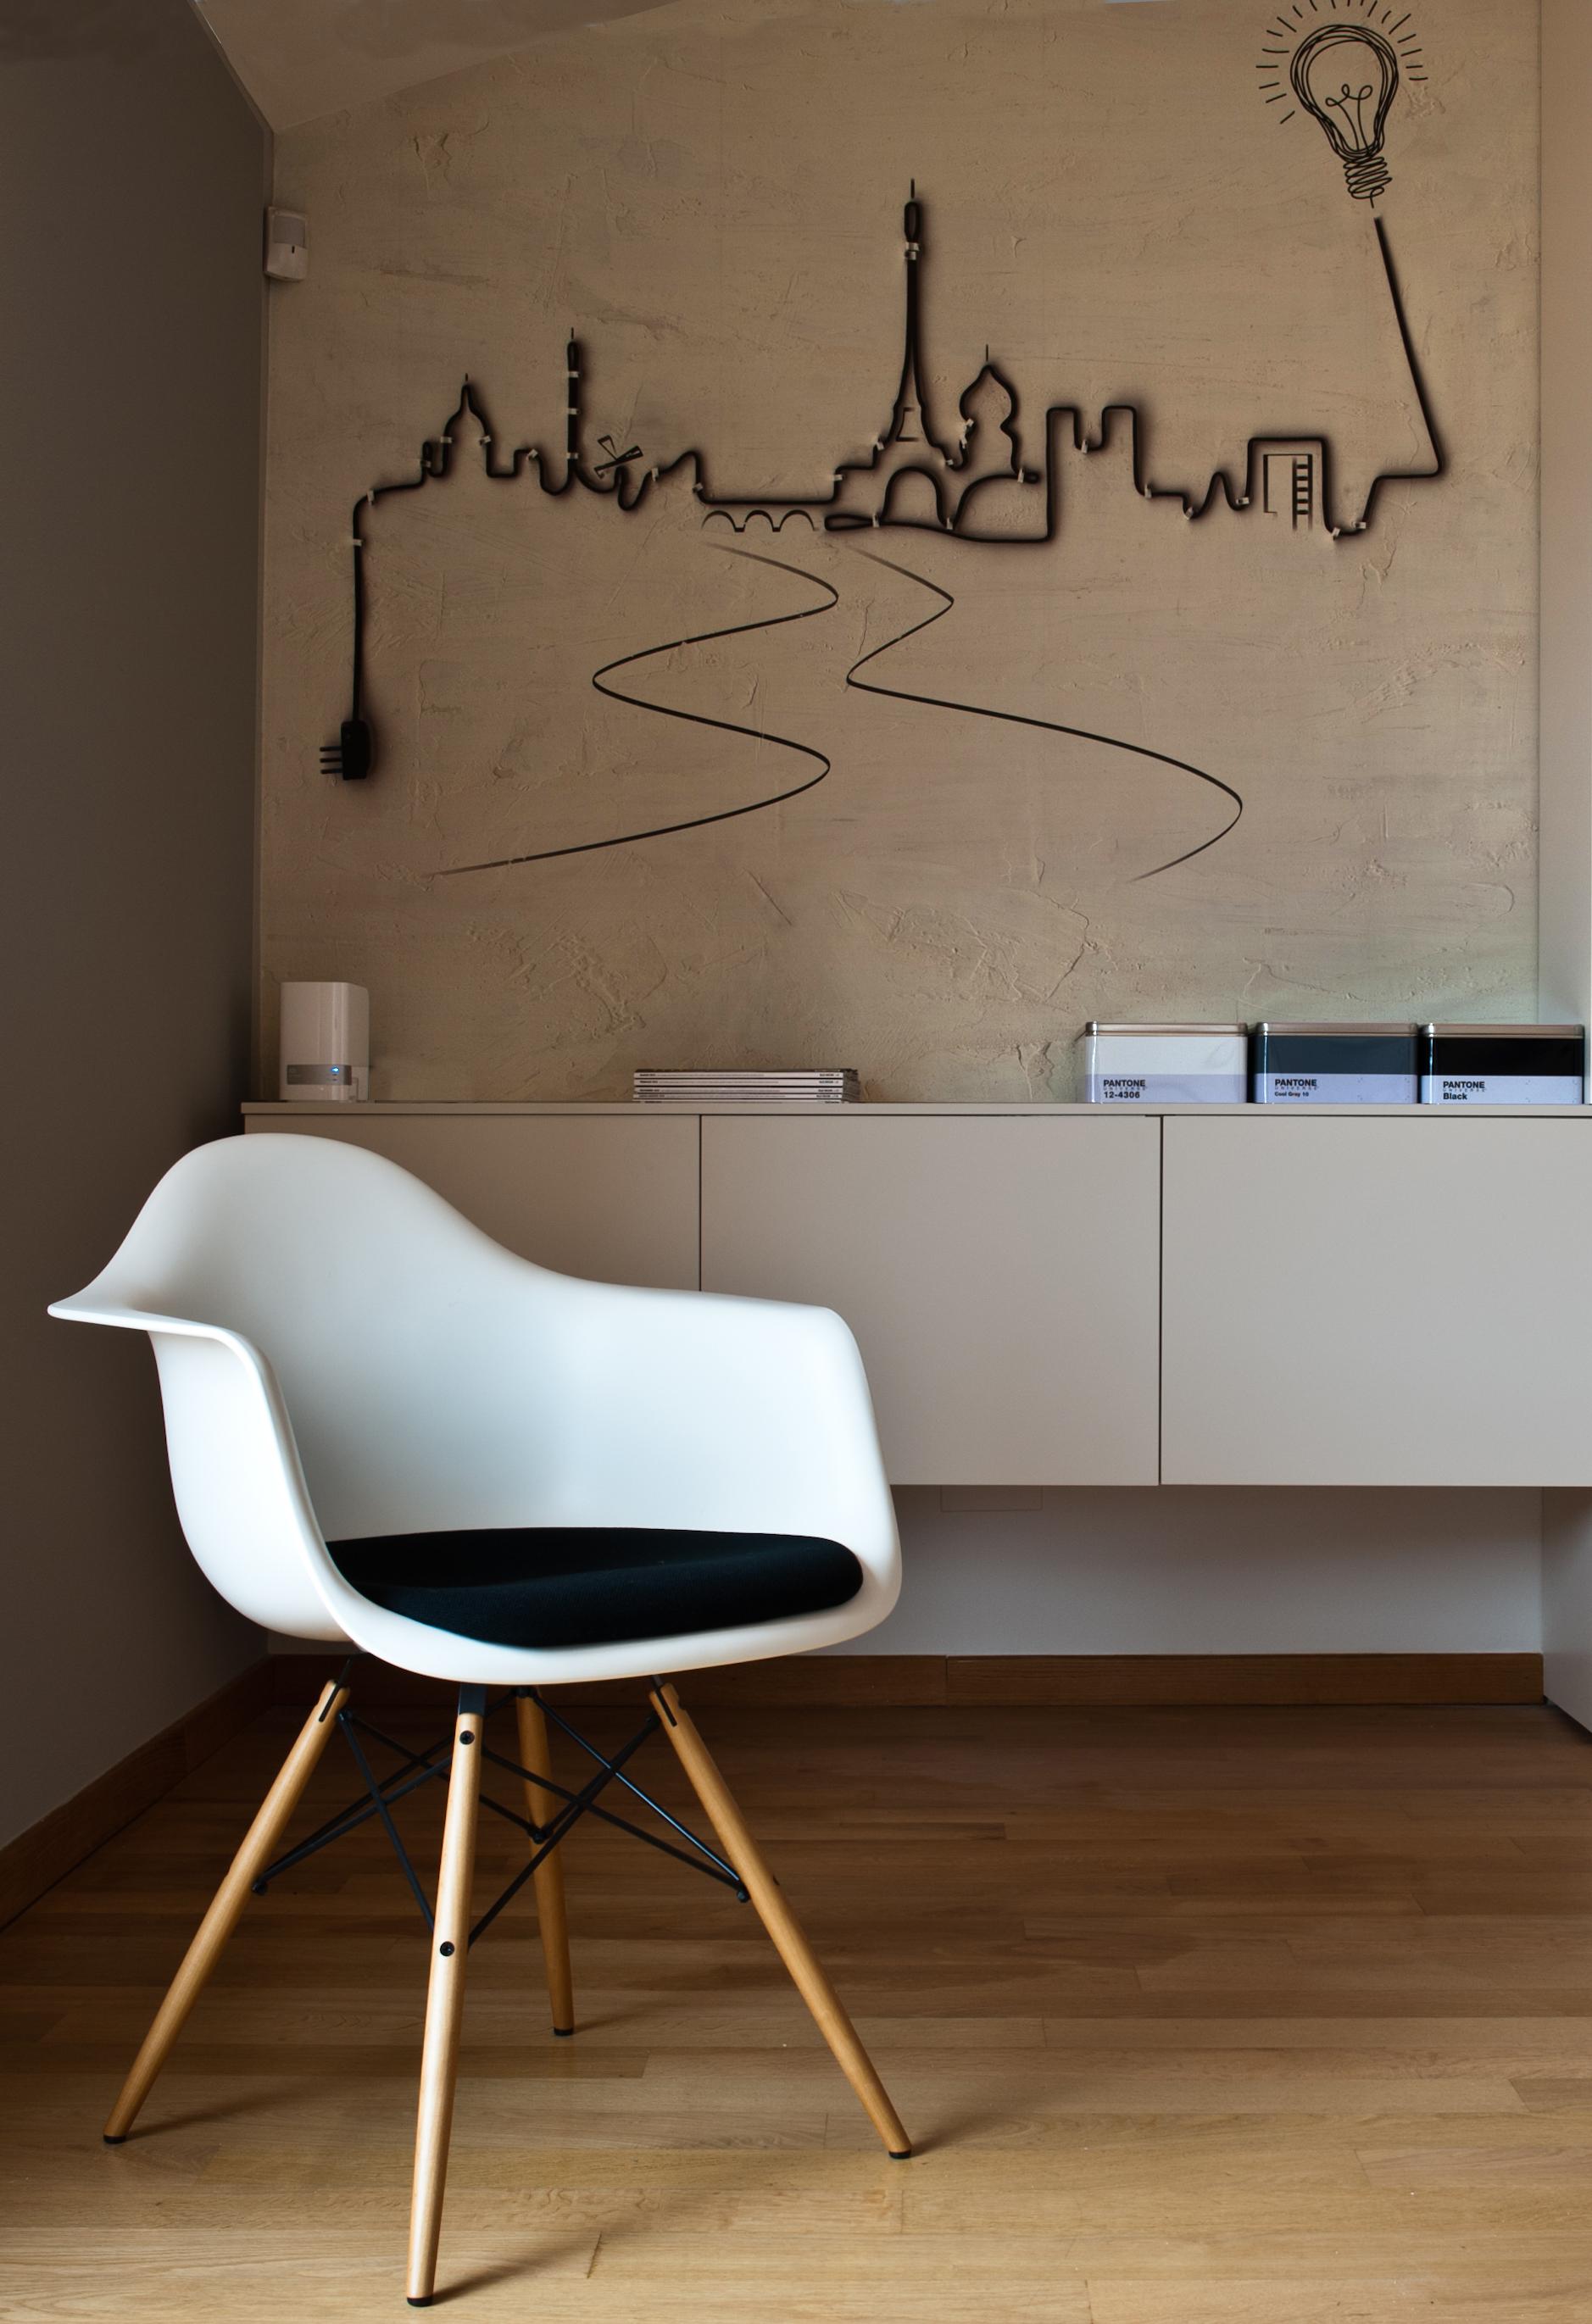 DAW Eames Plastic Chair, sedia icona di stile ed eleganza. - Lorenzo ...